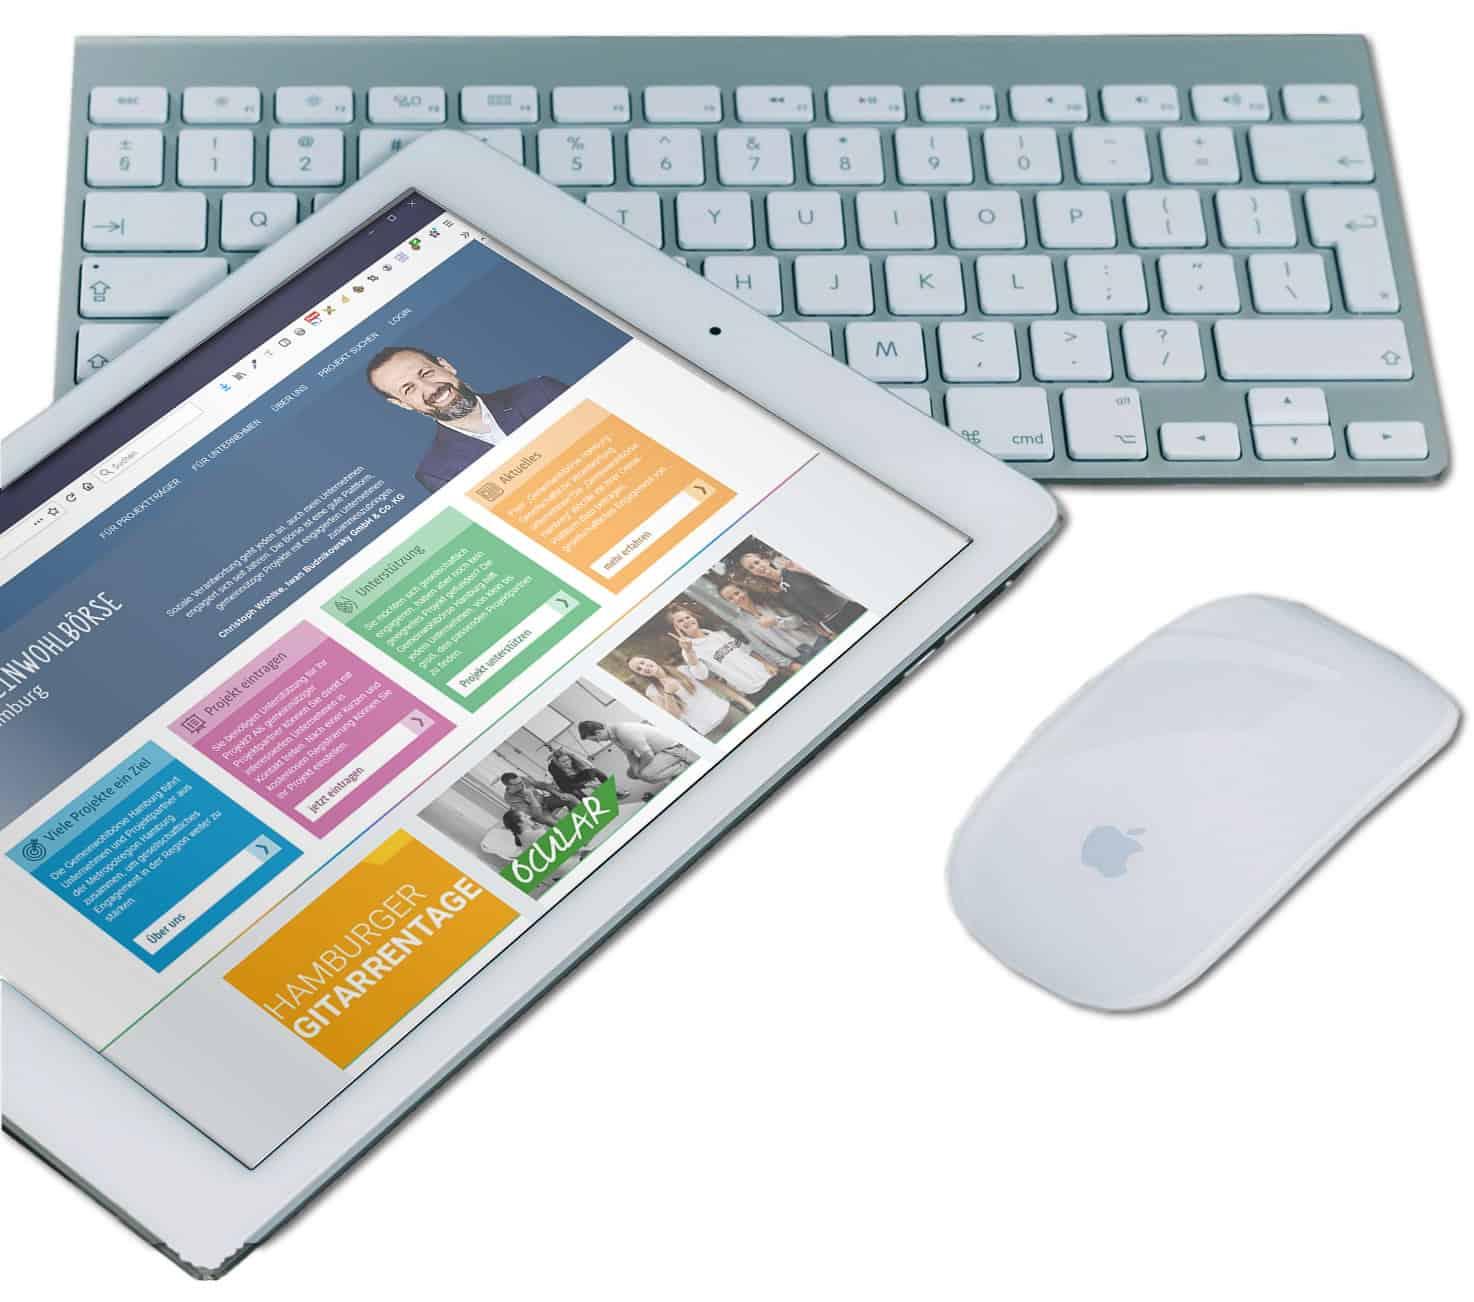 Wepportal und Online Plattform Entwicklung - Erstellung